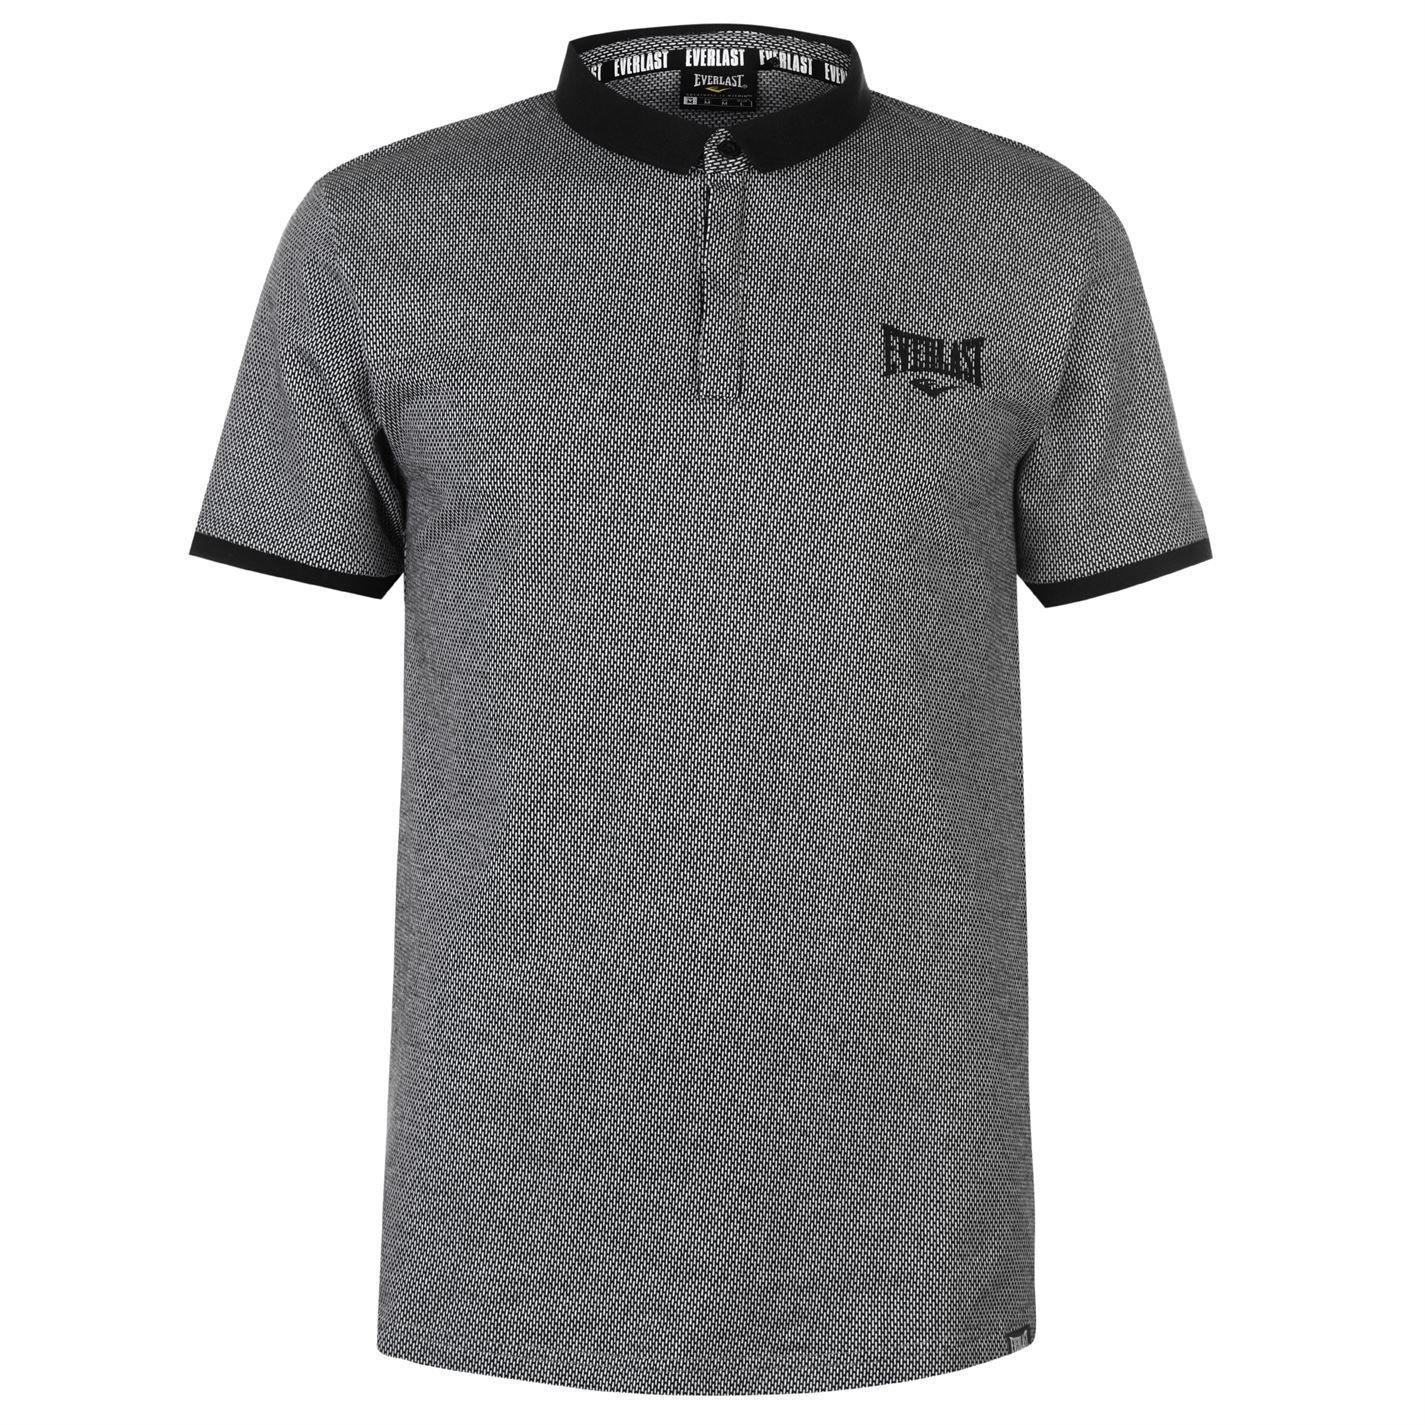 613f6b445 Everlast Mens Jacq Polo Shirt: Amazon.co.uk: Clothing